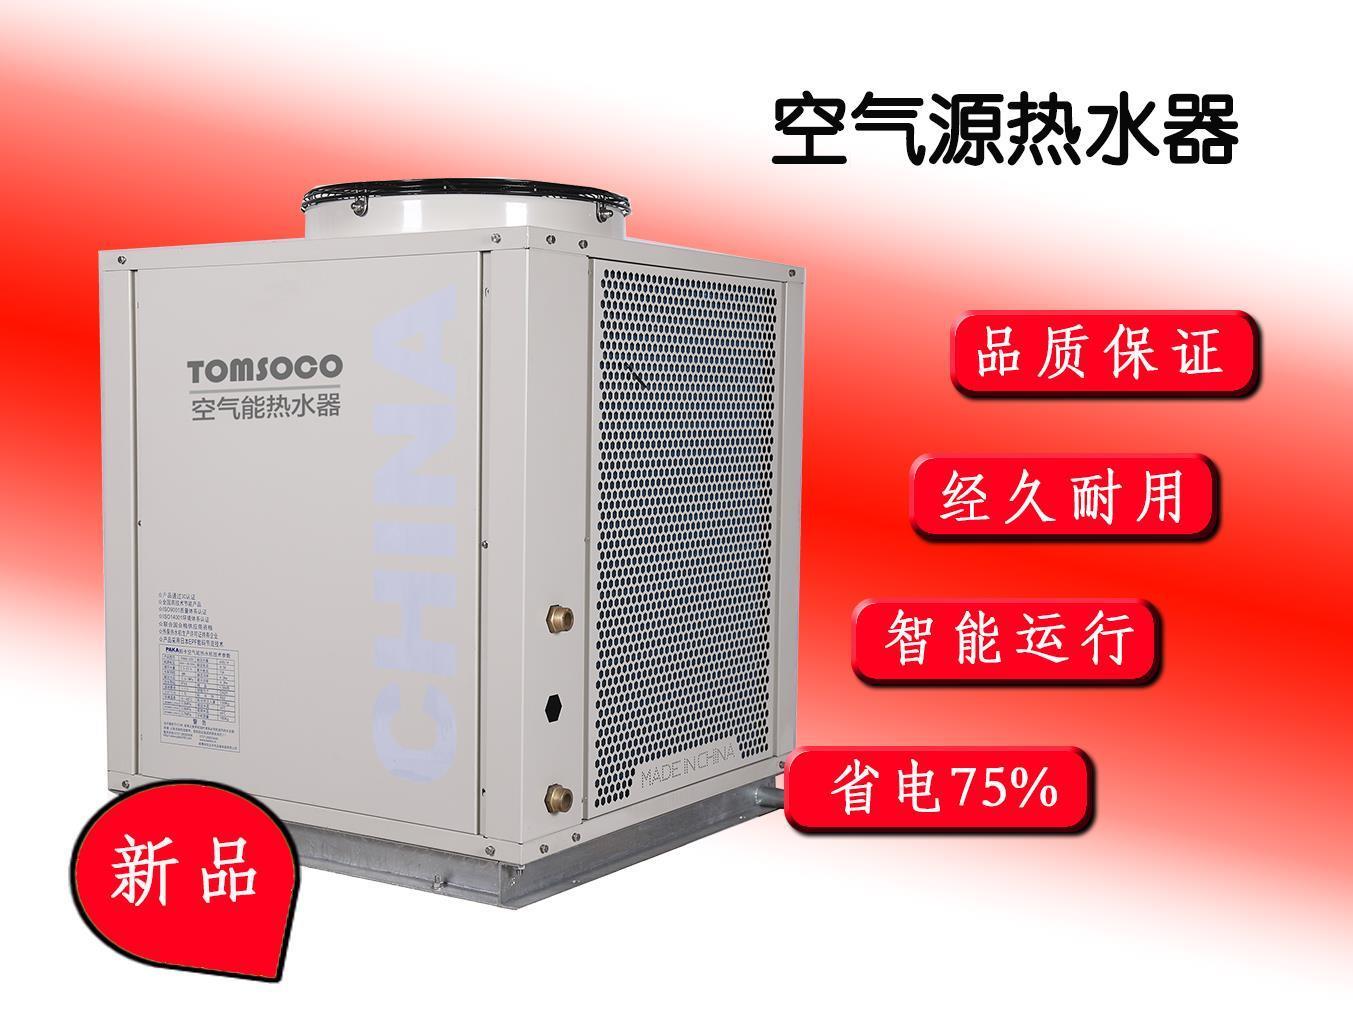 安徽空气源热泵生产厂家 欢迎致电